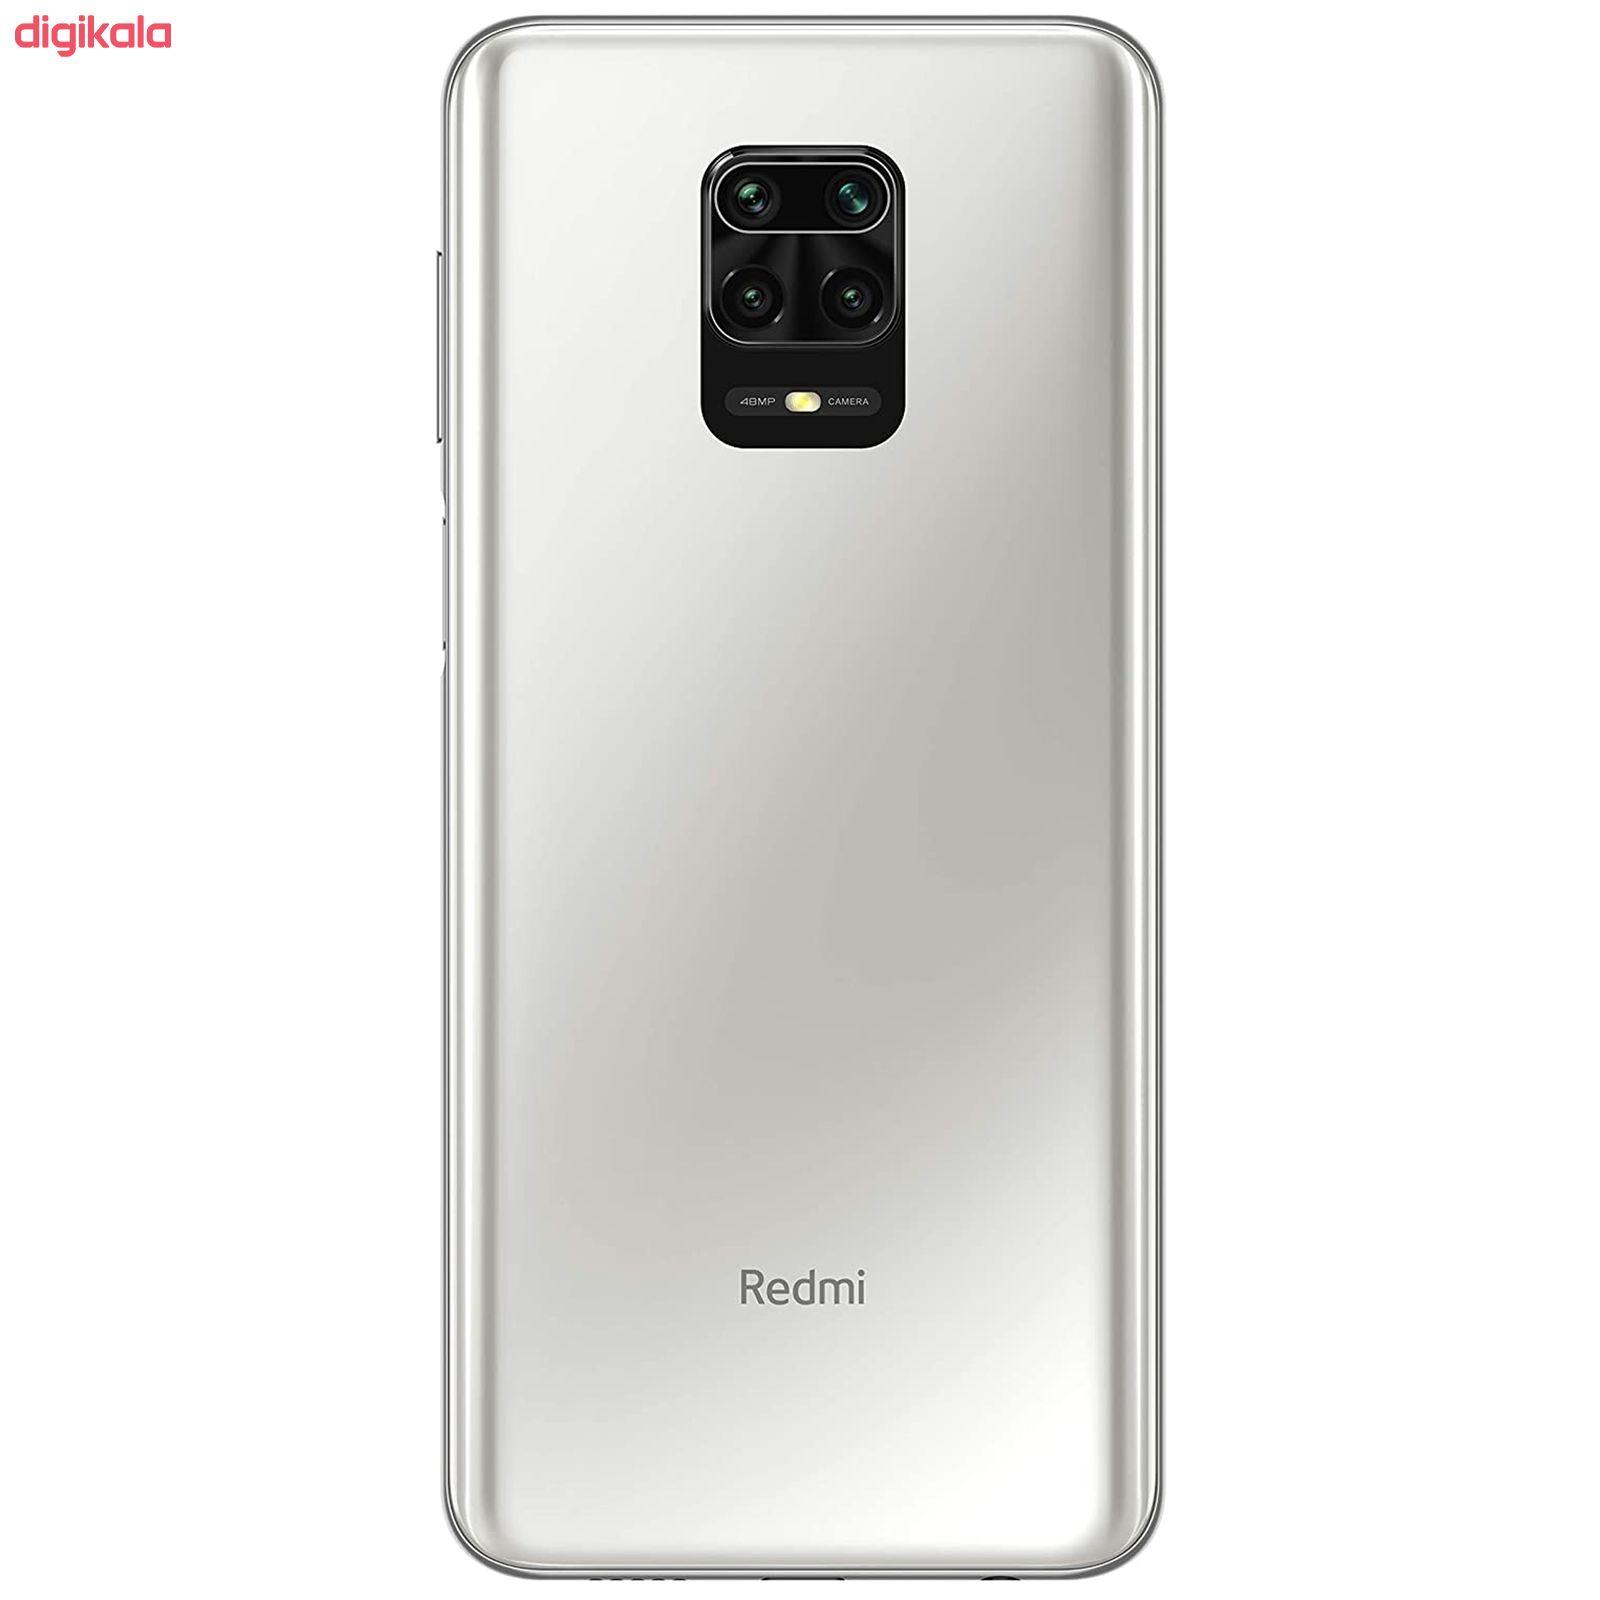 گوشی موبایل شیائومی مدل Redmi Note 9S M2003J6A1G دو سیم کارت ظرفیت 64 گیگابایت  main 1 2